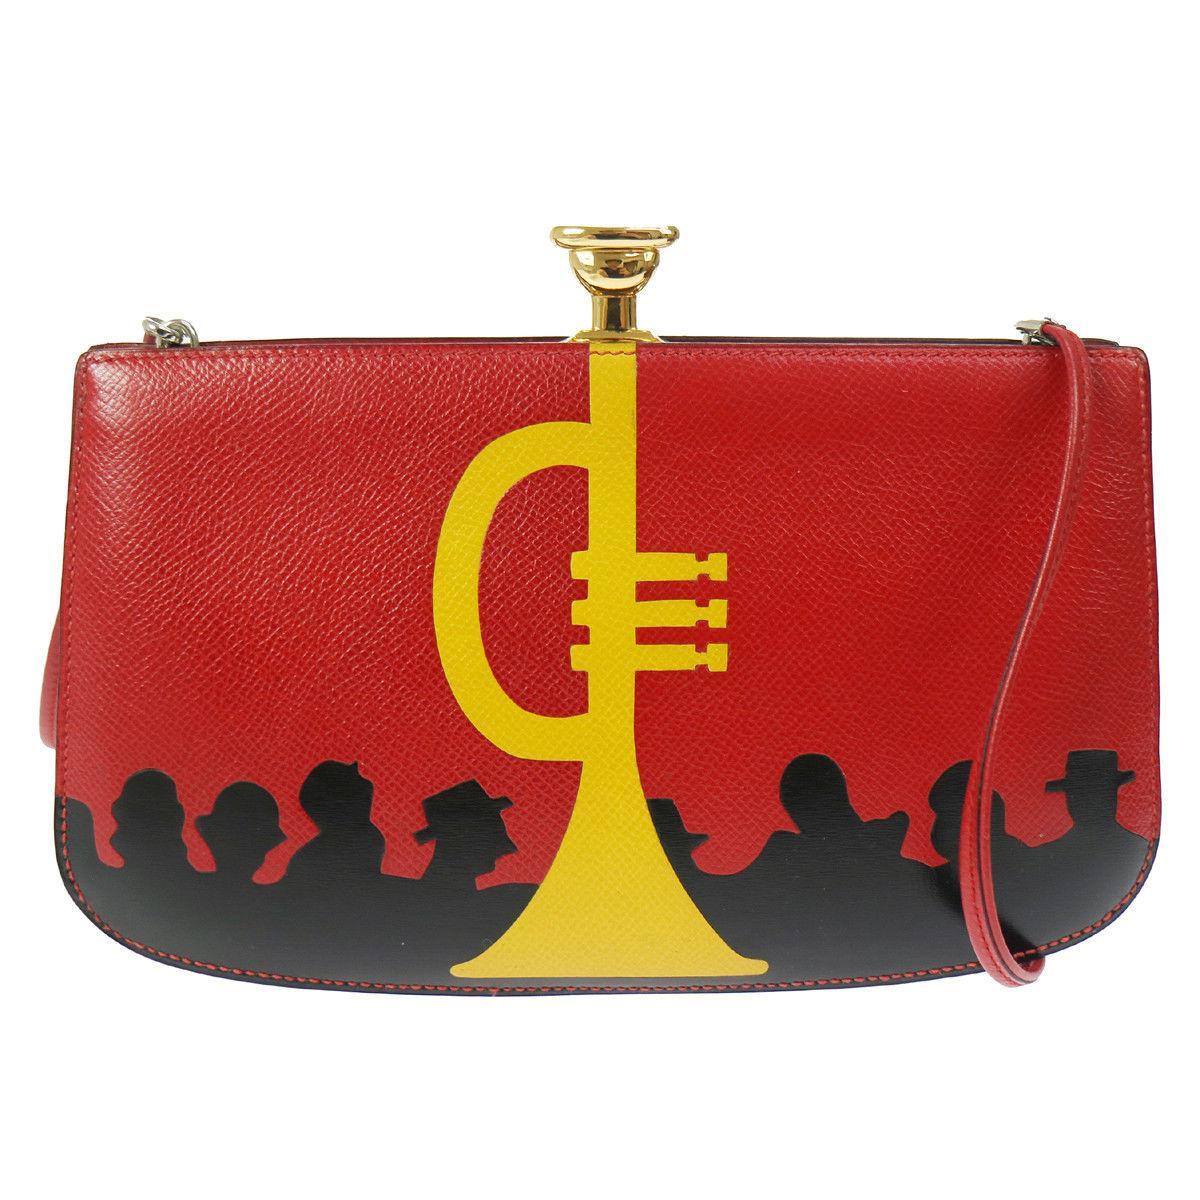 Hermes Vintage Red Yellow Leather Trumpet Gold Clutch Shoulder Bag